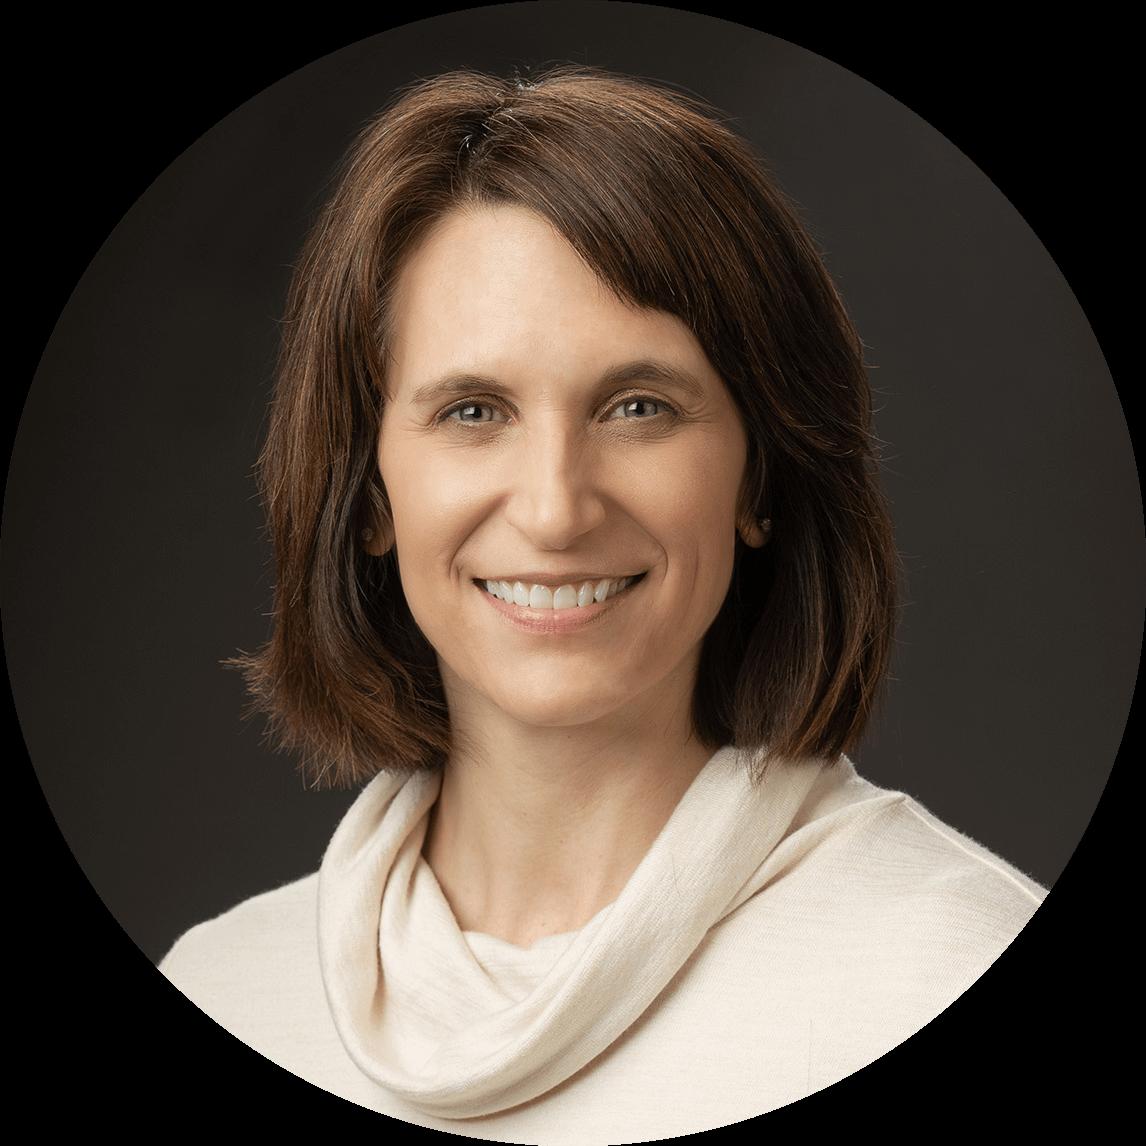 Dr. Amy Maurer, DDS